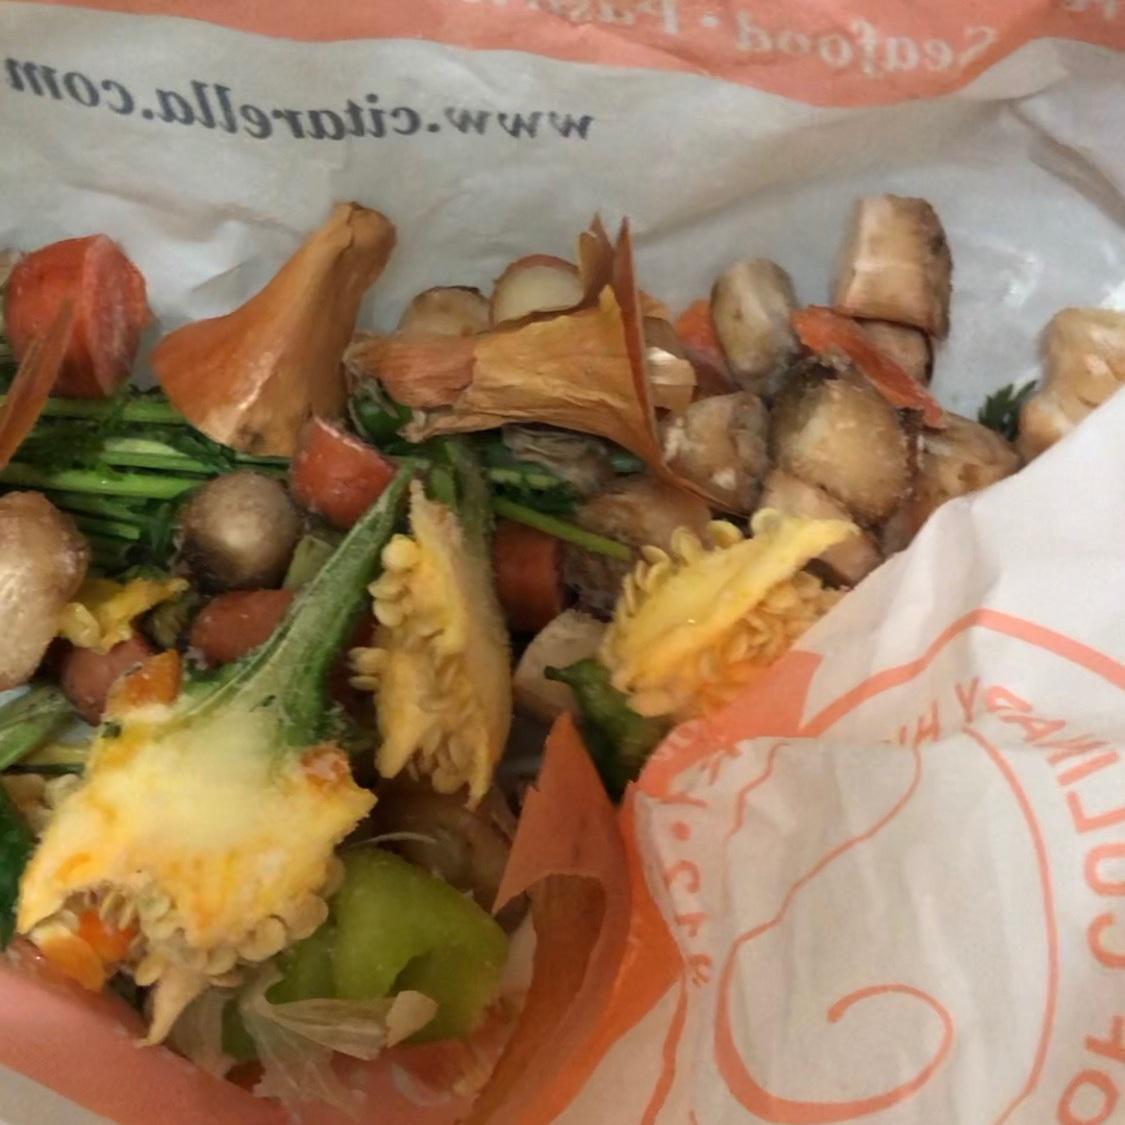 My bag full of frozen food scraps!